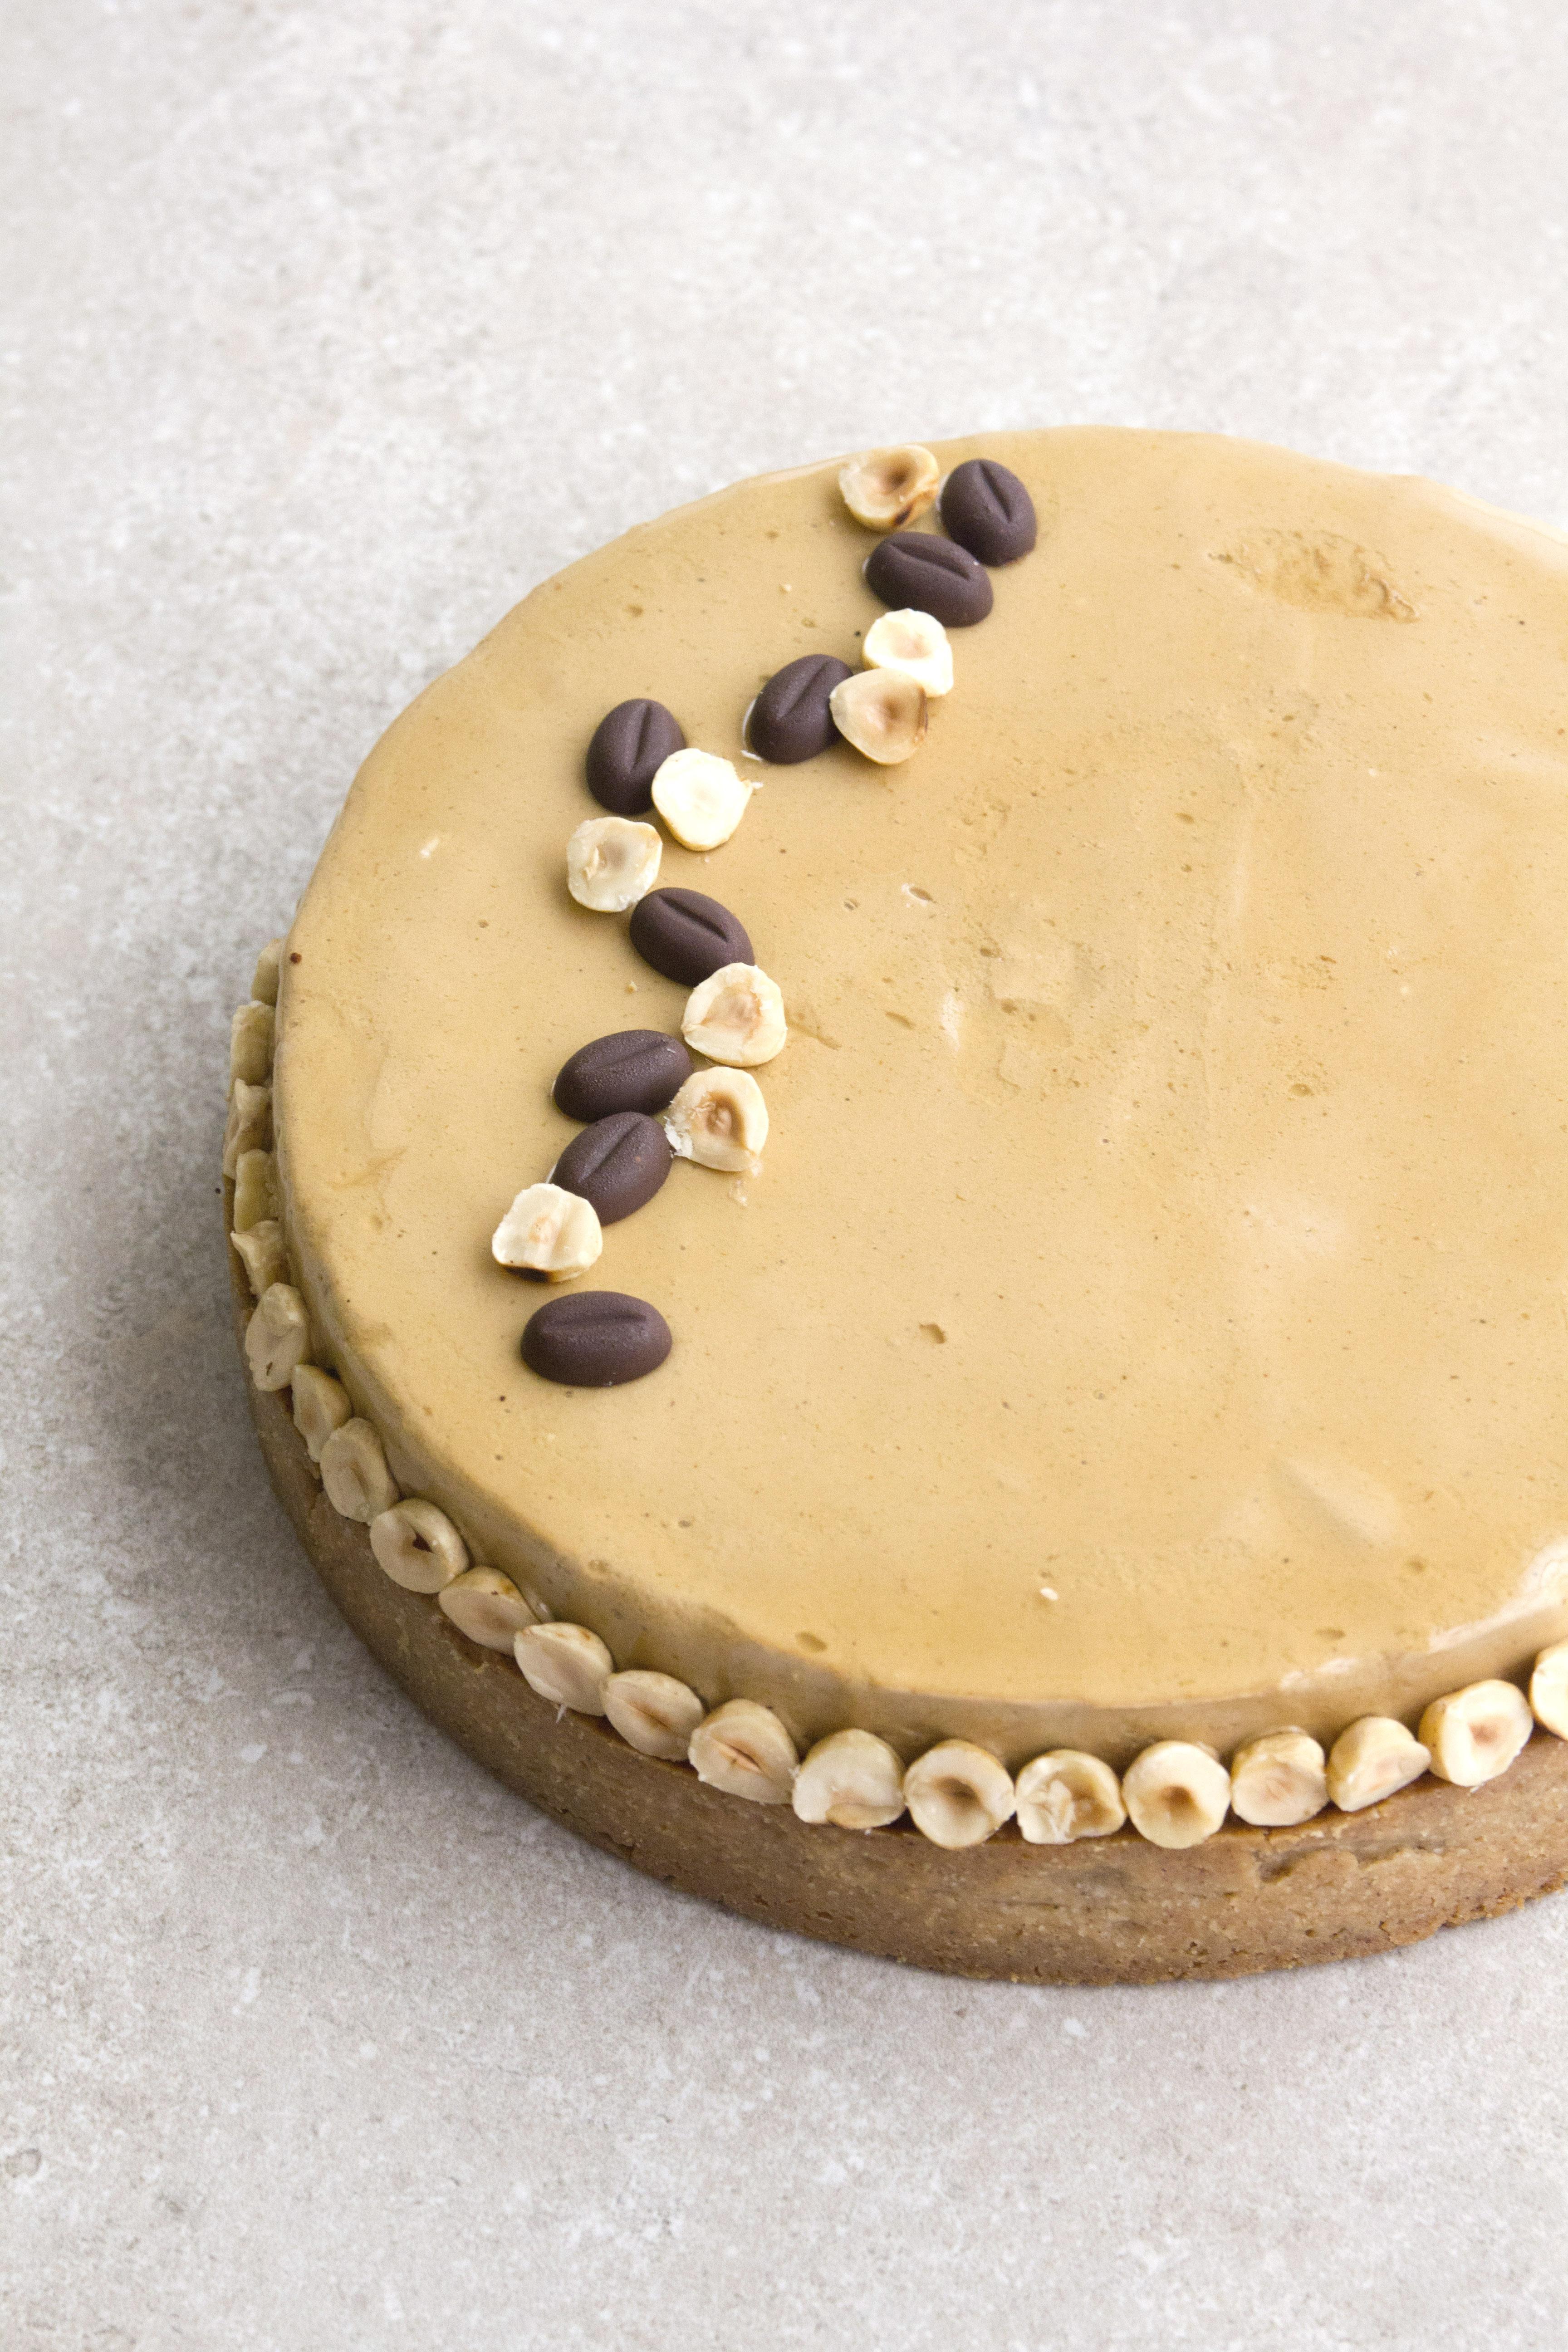 טארט קפה, אגוזי לוז ותבלינים